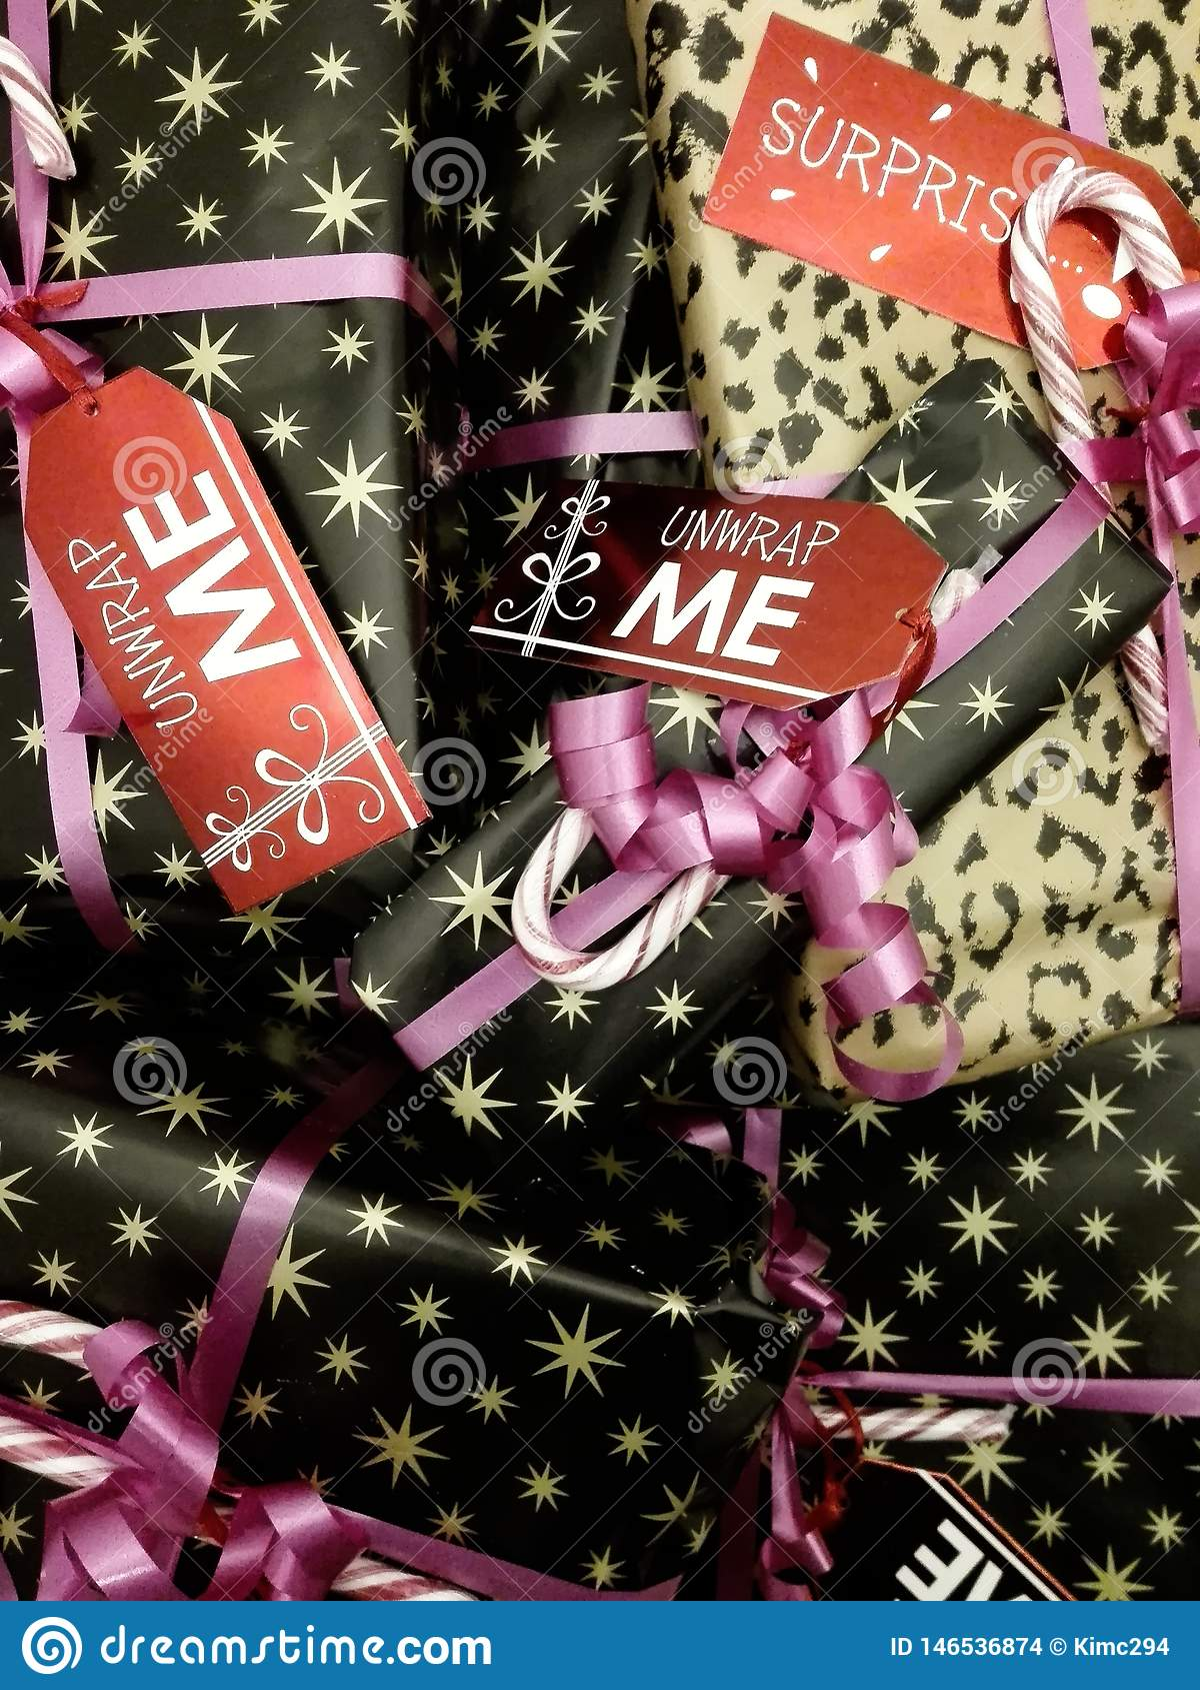 Empilé cadeaux enveloppés et décorés de Noël avec les étiquettes mignonnes